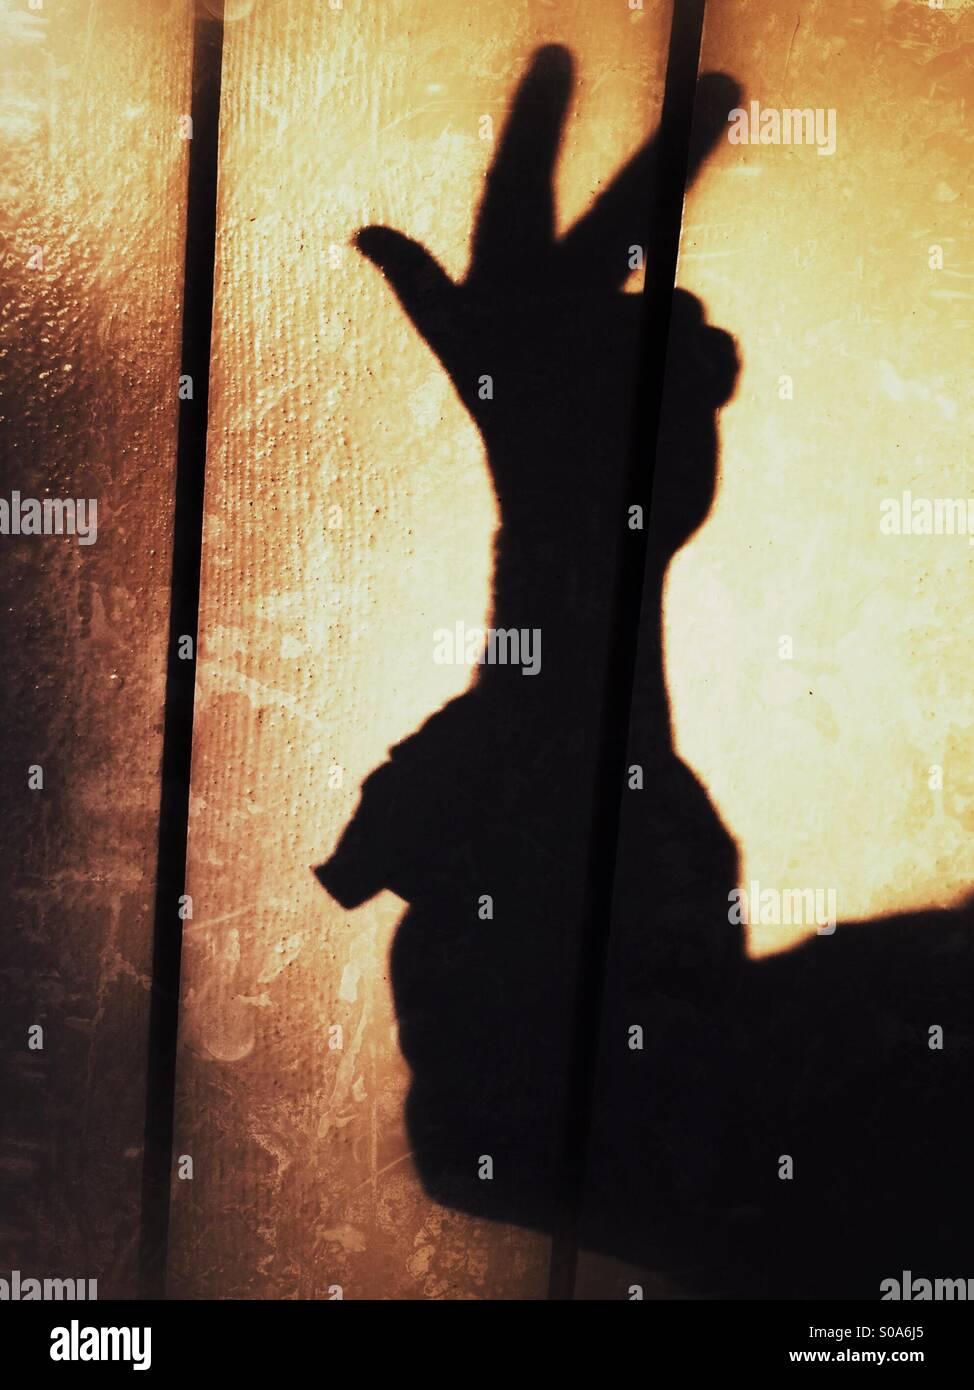 Un homme jette une ombre sur un mur, en comptant sur sa main. Numéro trois. Photo Stock